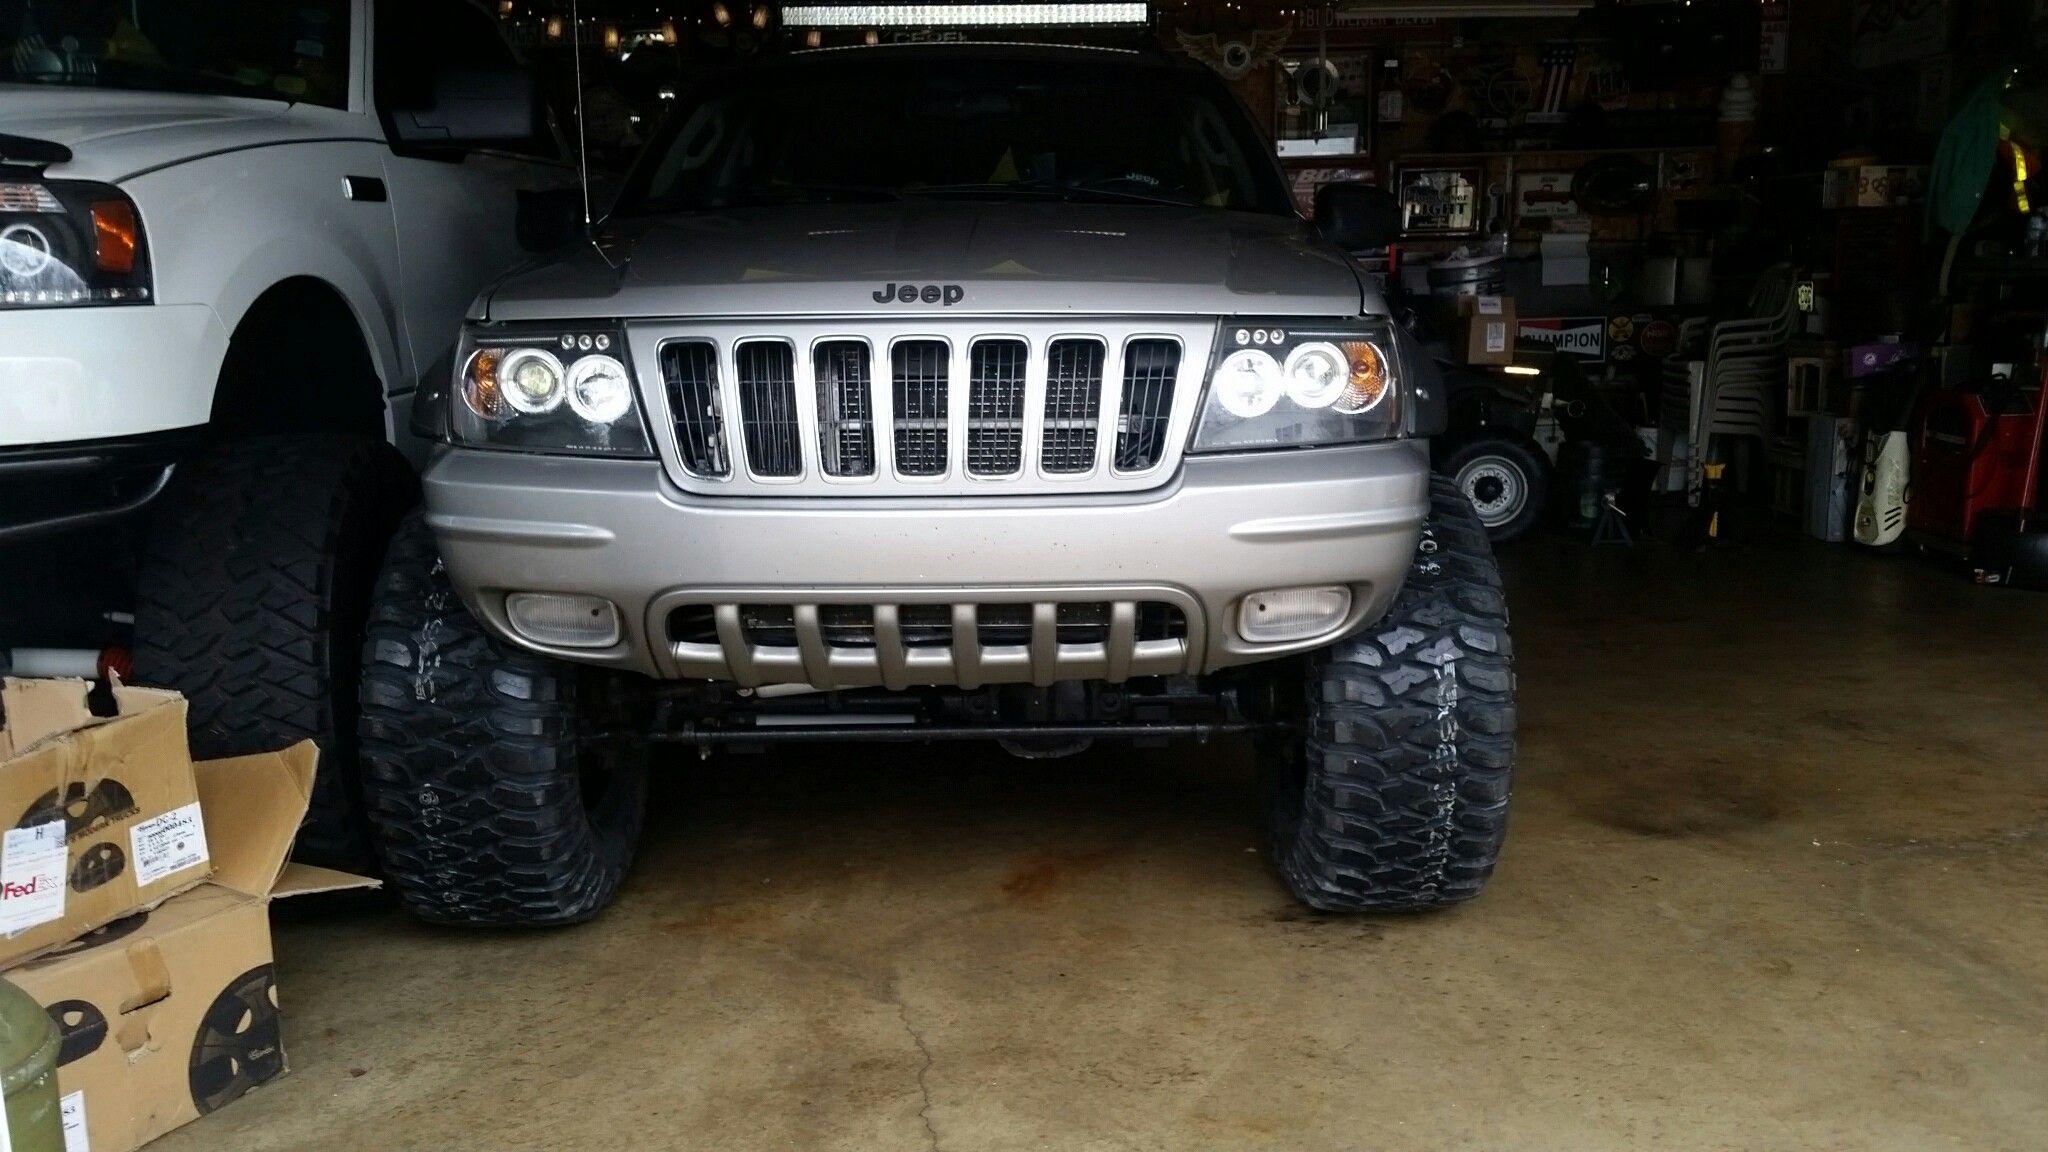 36x15 5 X16 Mtz 16x10 Dc Wheels Jeep Wj Jeep Cars Trucks